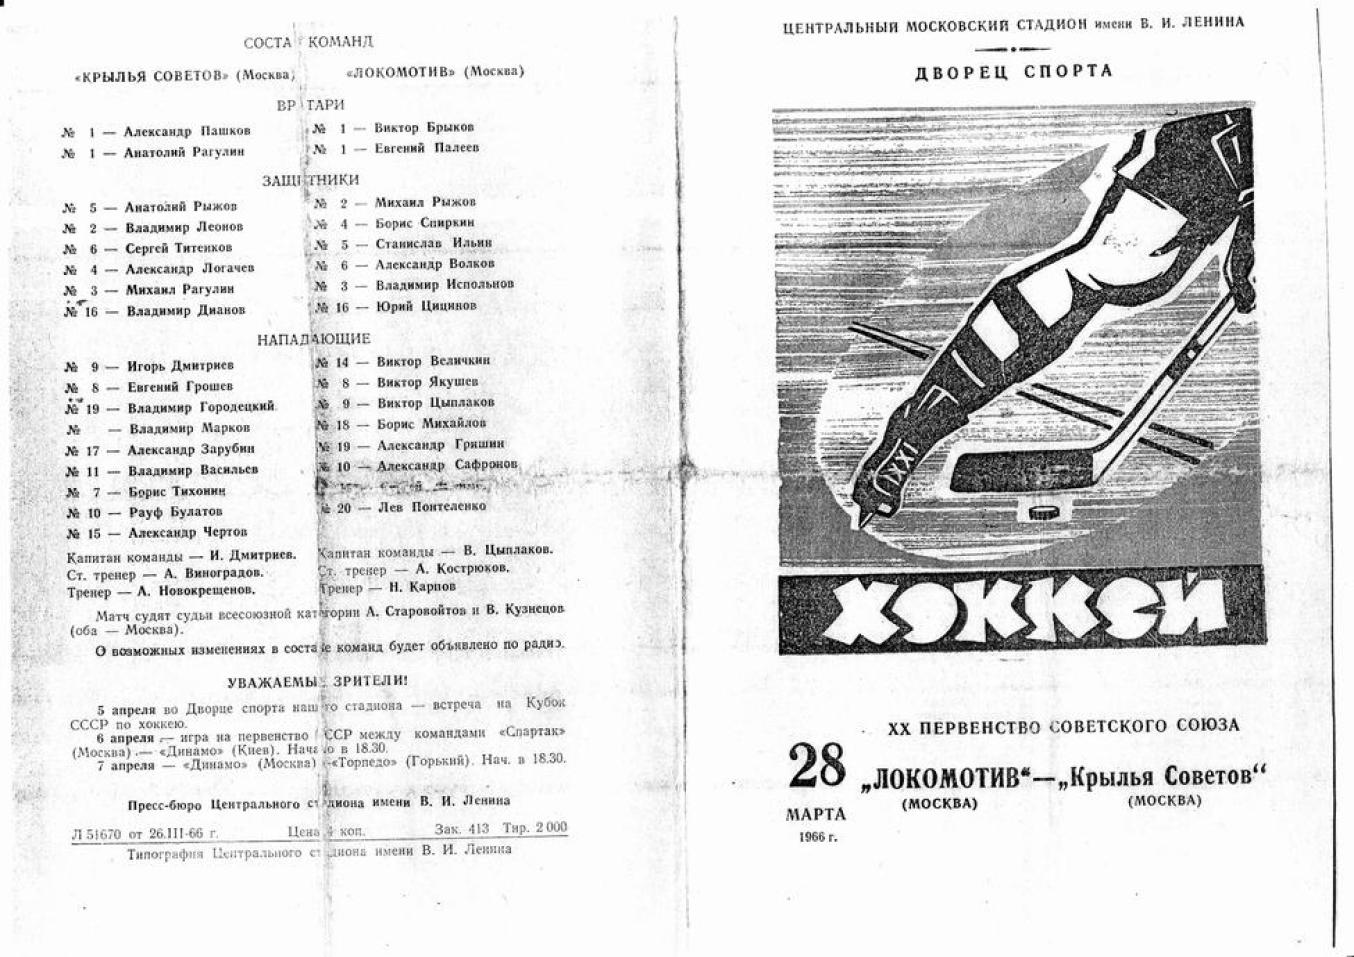 1966.03.28. Локомотив - Крылья Советов (Чм. СССР)_01.png